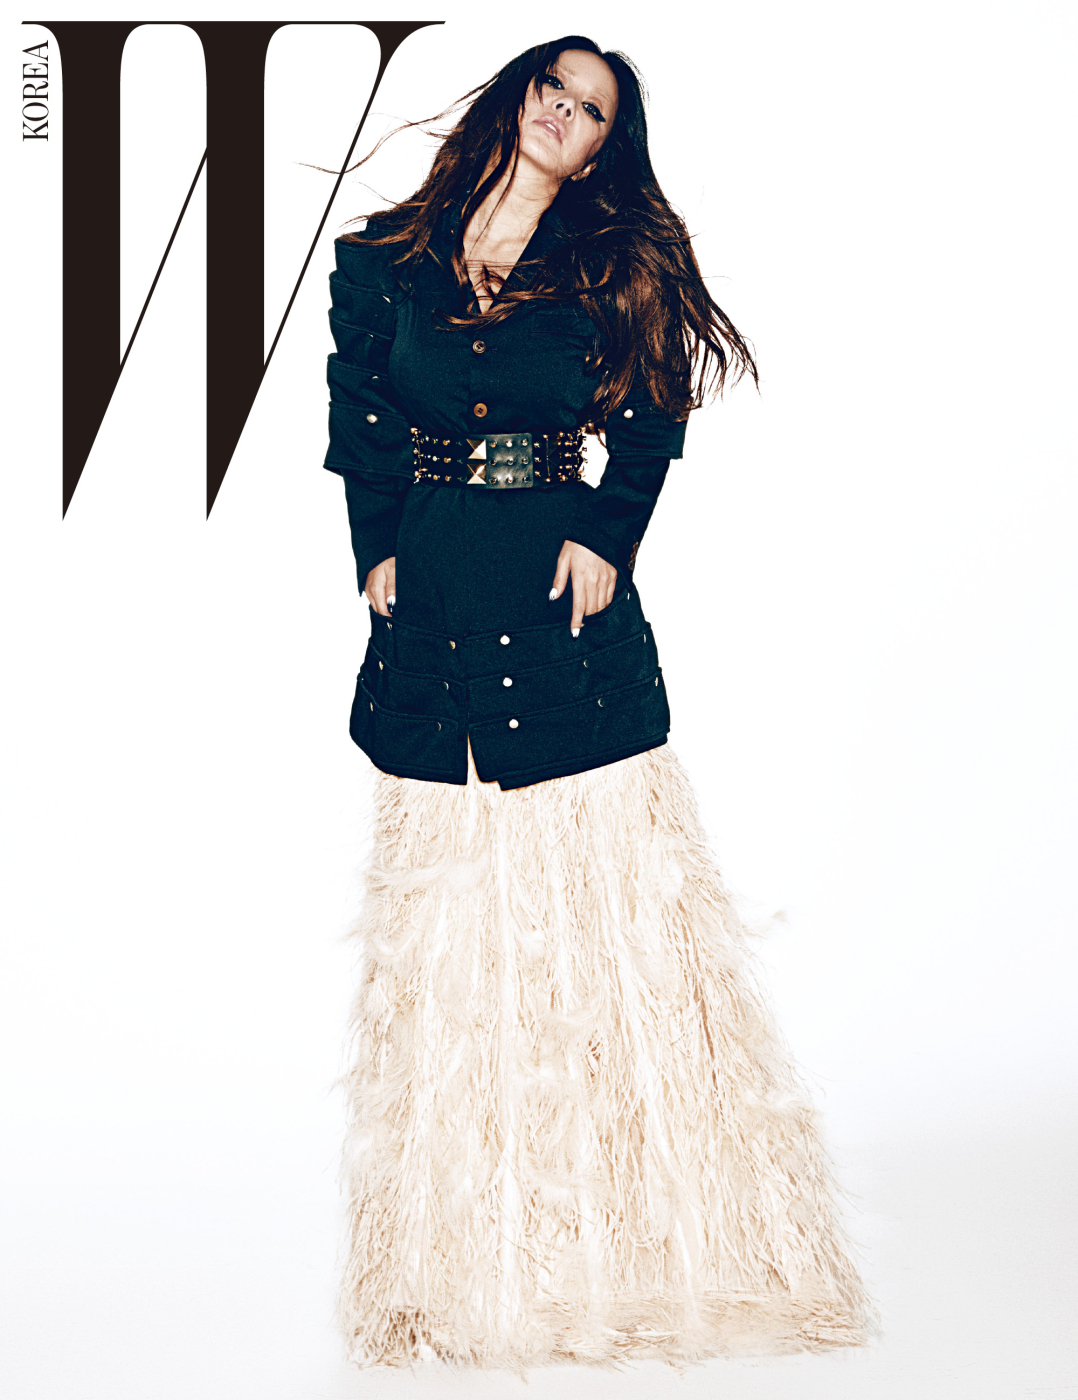 깃털 장식의 드레스는 21Defaye, 구조적인 어깨 장식이 돋보이는 재킷은 Comme des Garcons, 스터드 장식의 와이드 벨트는 Demande de Mutation by Dem Project 제품.